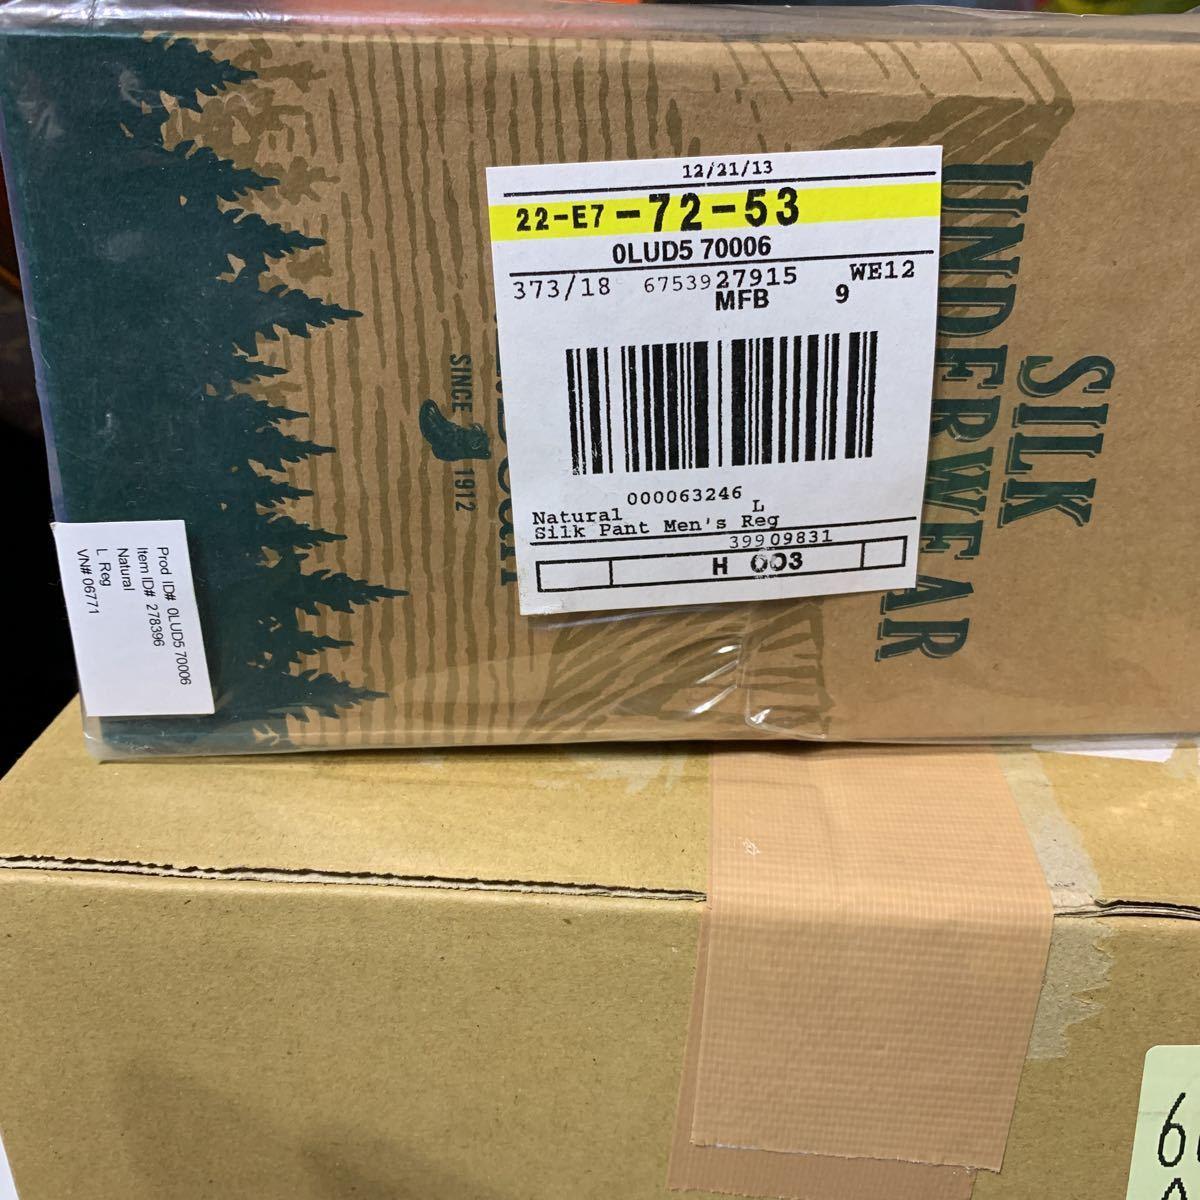 送料無料 新品未使用 L.L.Bean エルエルビーンズ シルク アンダーウエア パンツ Lサイズ ライトウェイト ソリッド シルク100%